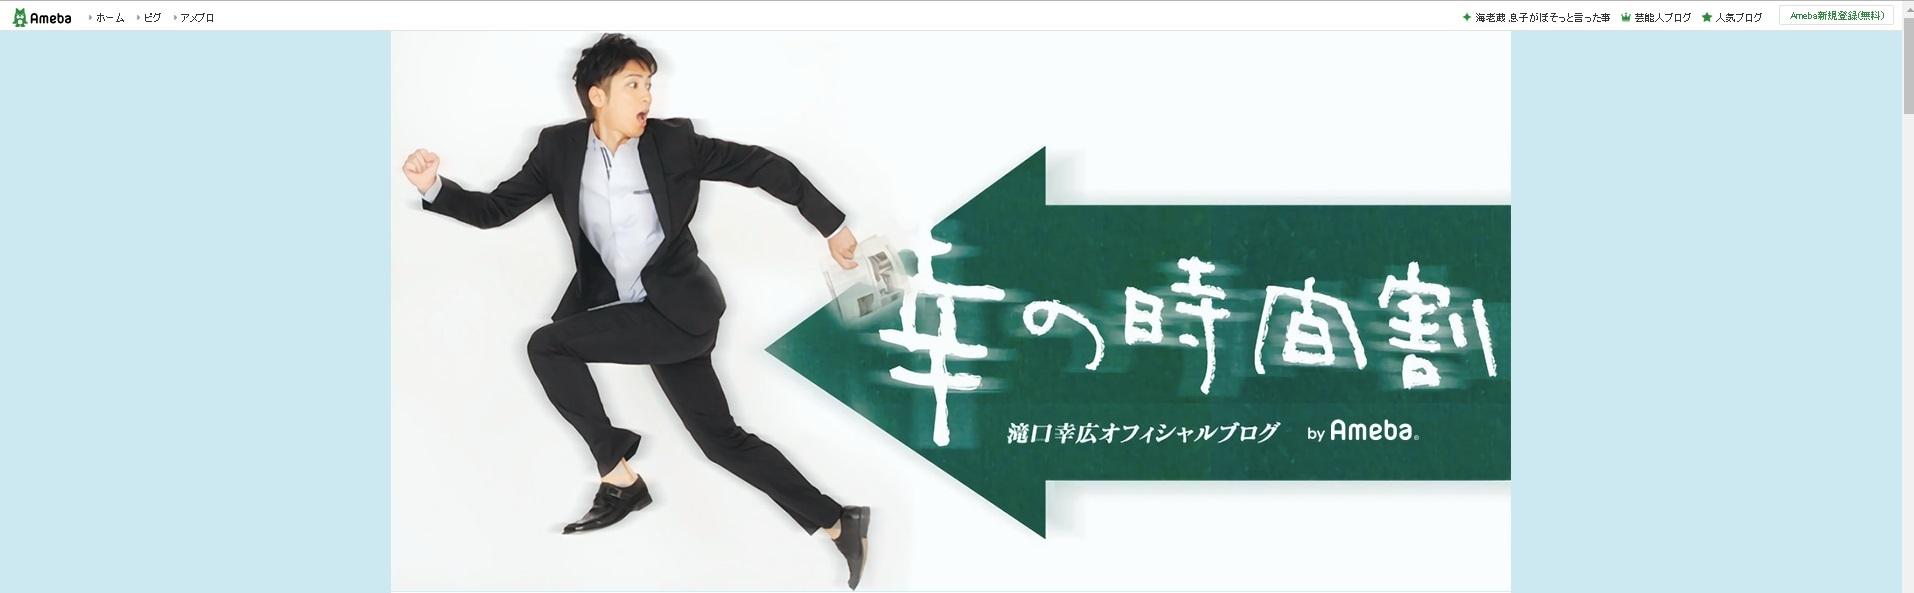 滝口幸広さんブログより